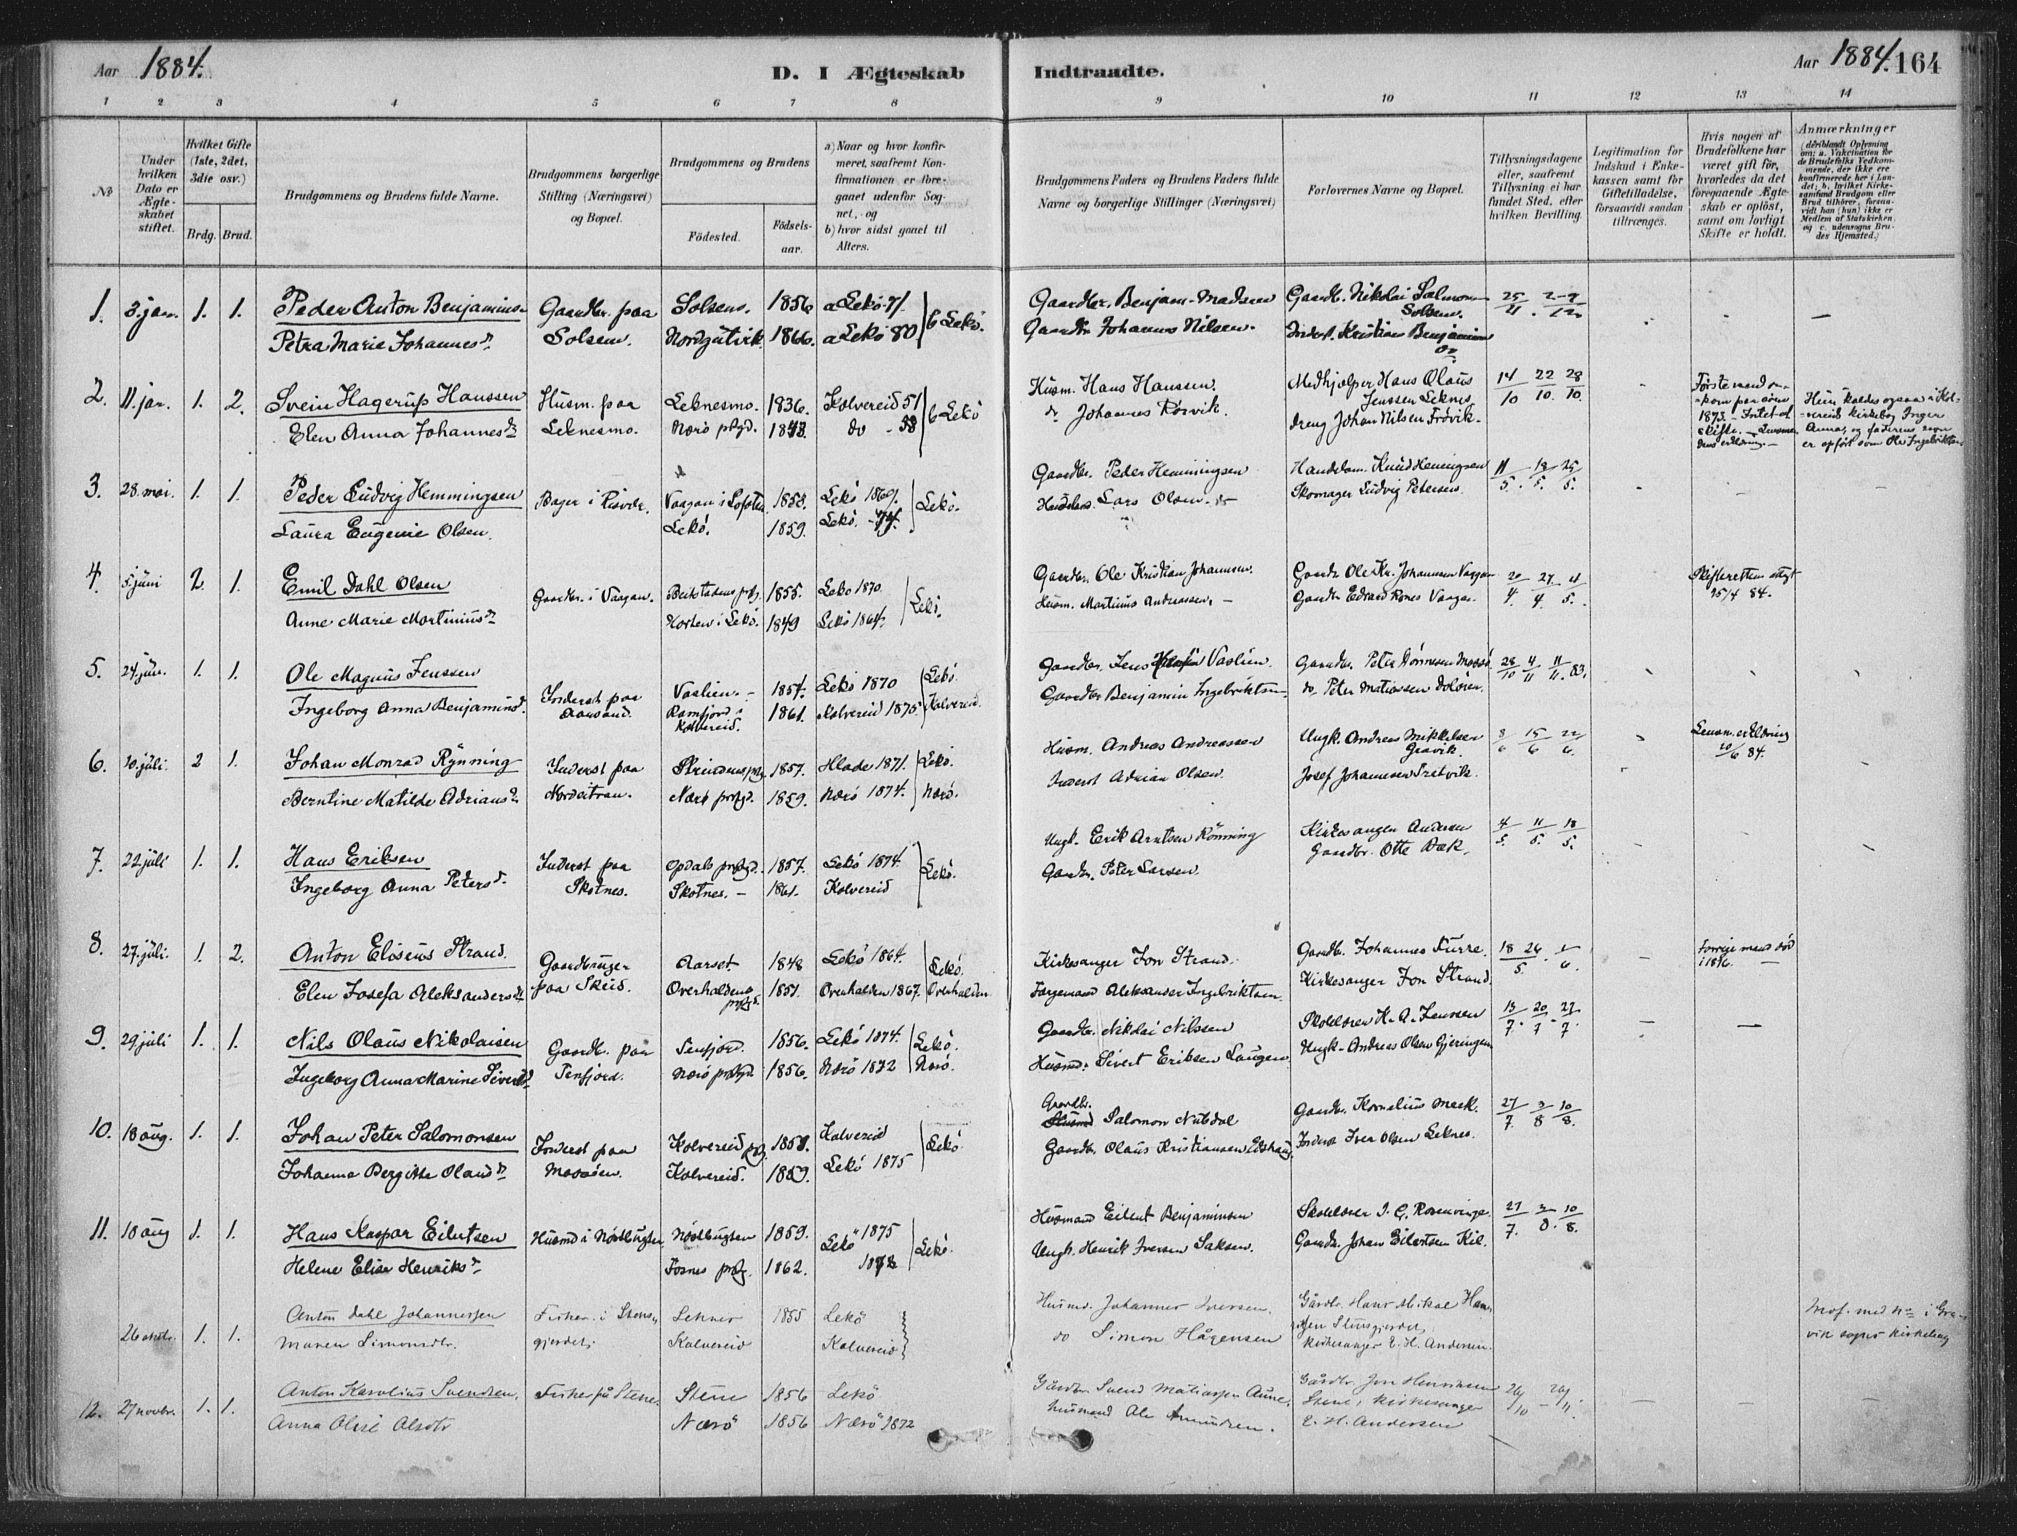 SAT, Ministerialprotokoller, klokkerbøker og fødselsregistre - Nord-Trøndelag, 788/L0697: Ministerialbok nr. 788A04, 1878-1902, s. 164